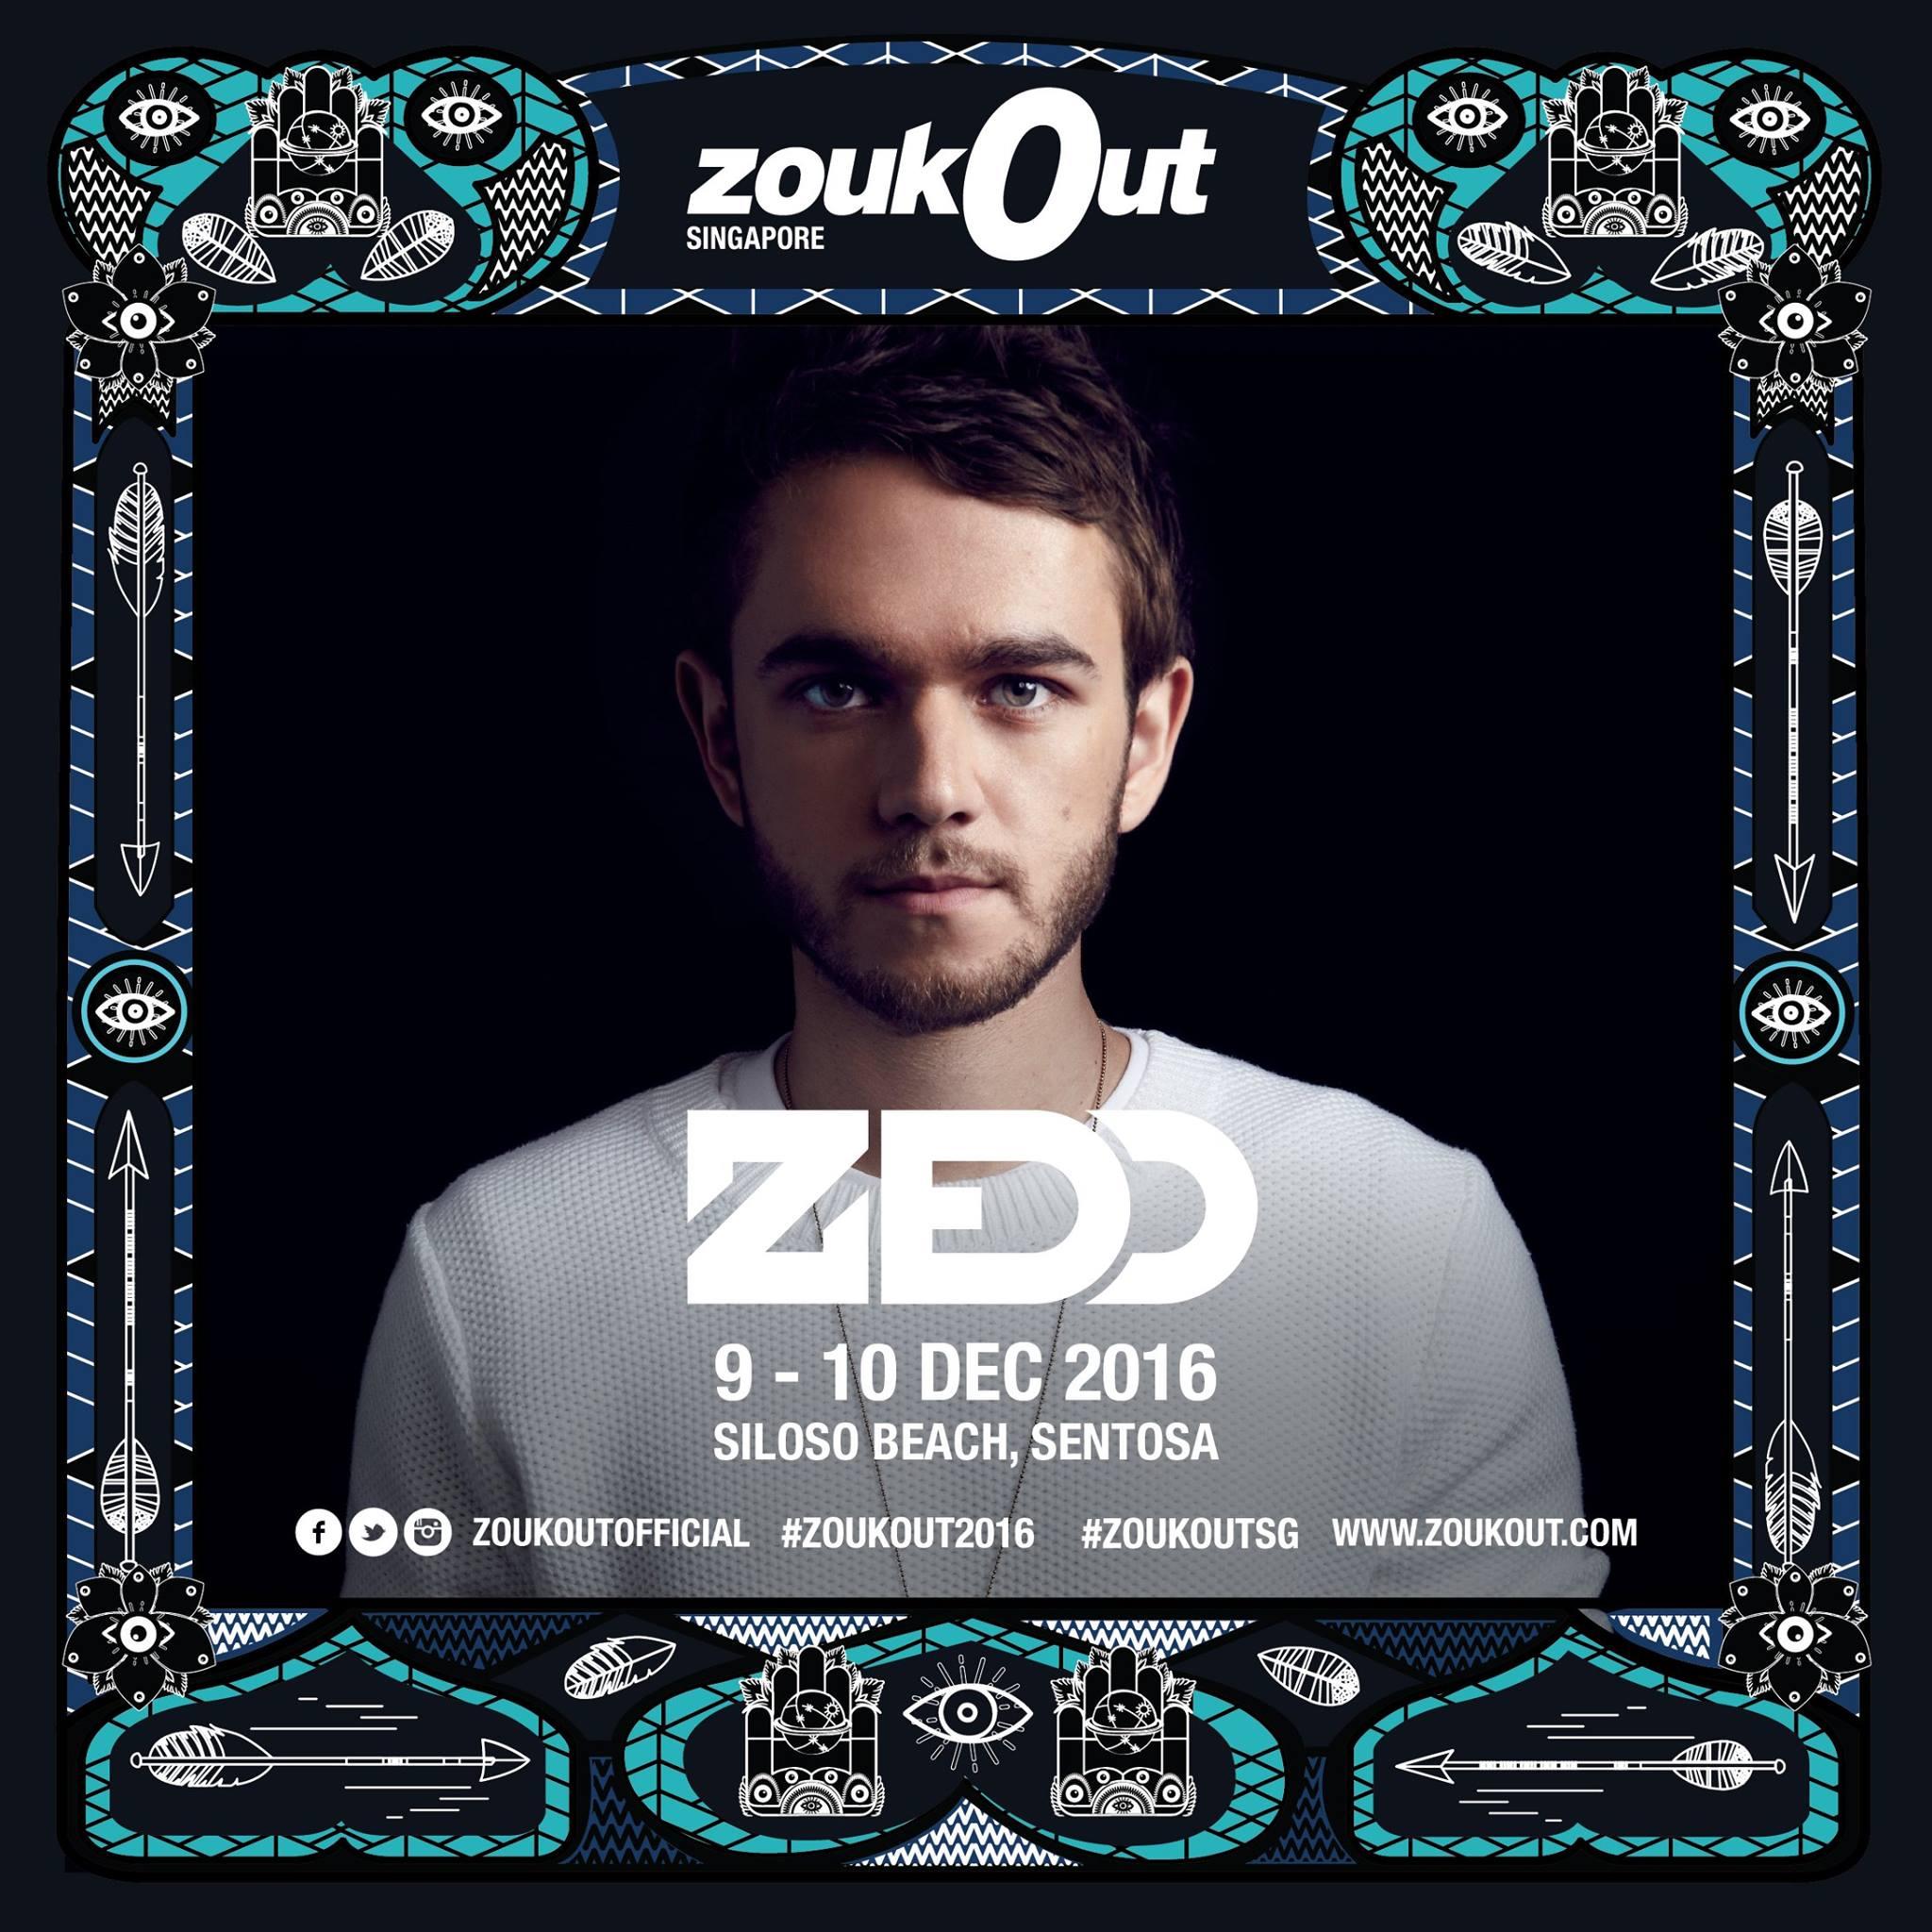 zoukout-2016-zedd